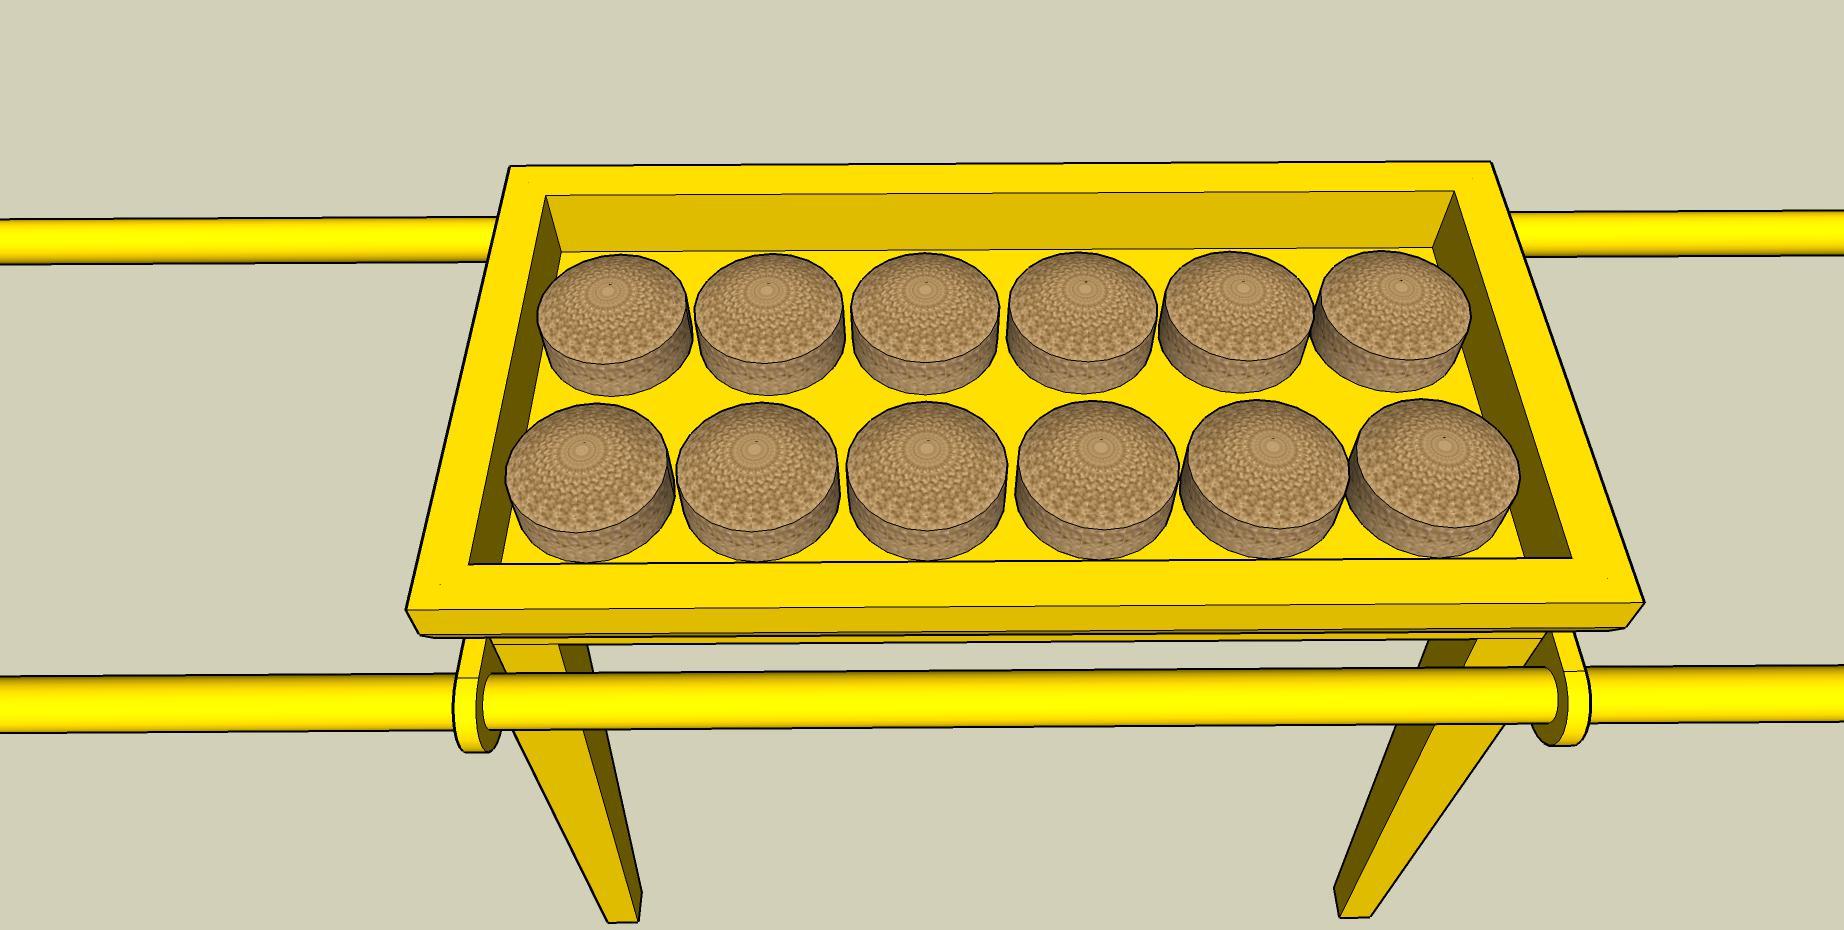 La table des pains de proposition ces pains repr sentent - La table des merville castanet ...